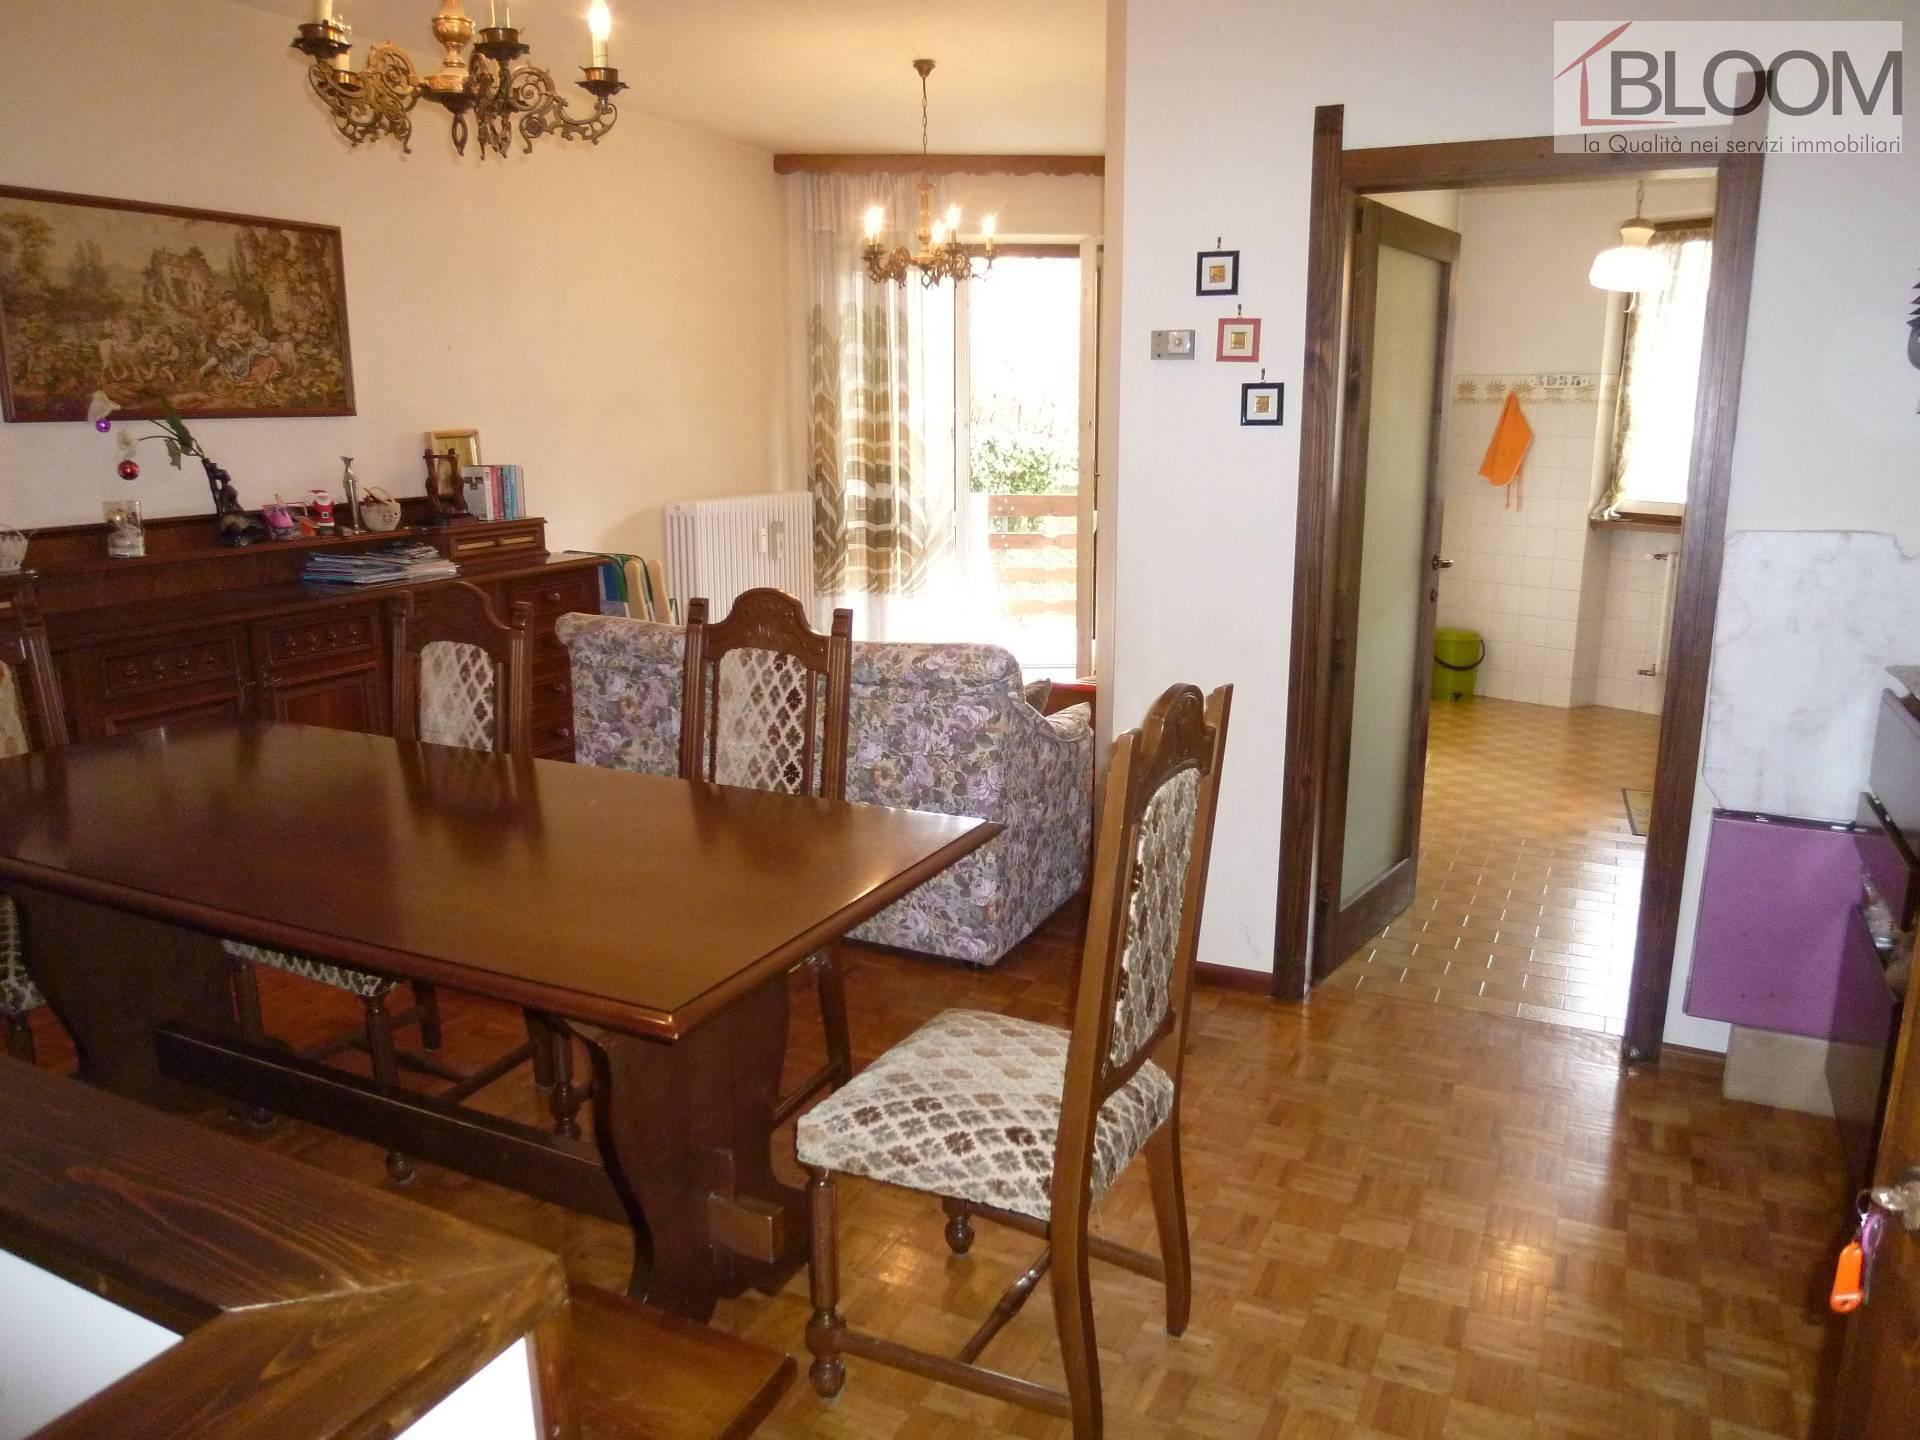 Appartamento in vendita a Pieve di Cadore, 5 locali, zona e, prezzo € 100.000   PortaleAgenzieImmobiliari.it